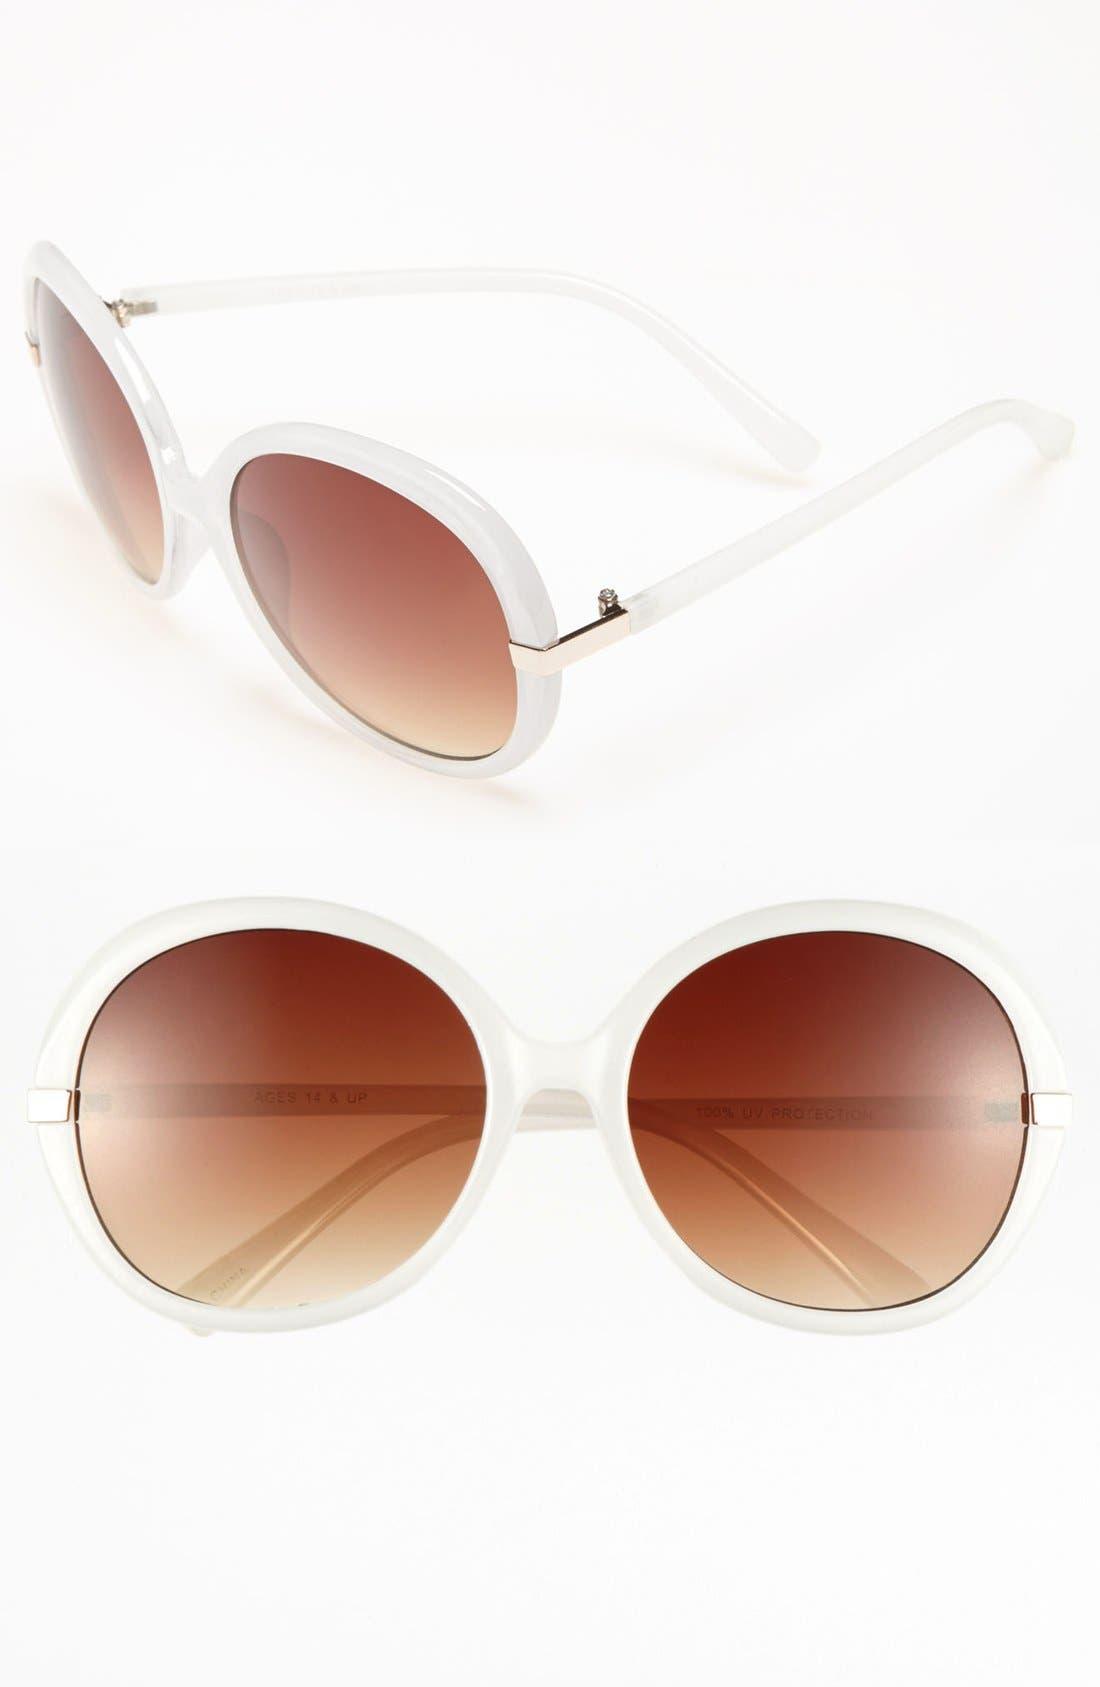 Main Image - FE NY 'Brooke' Sunglasses